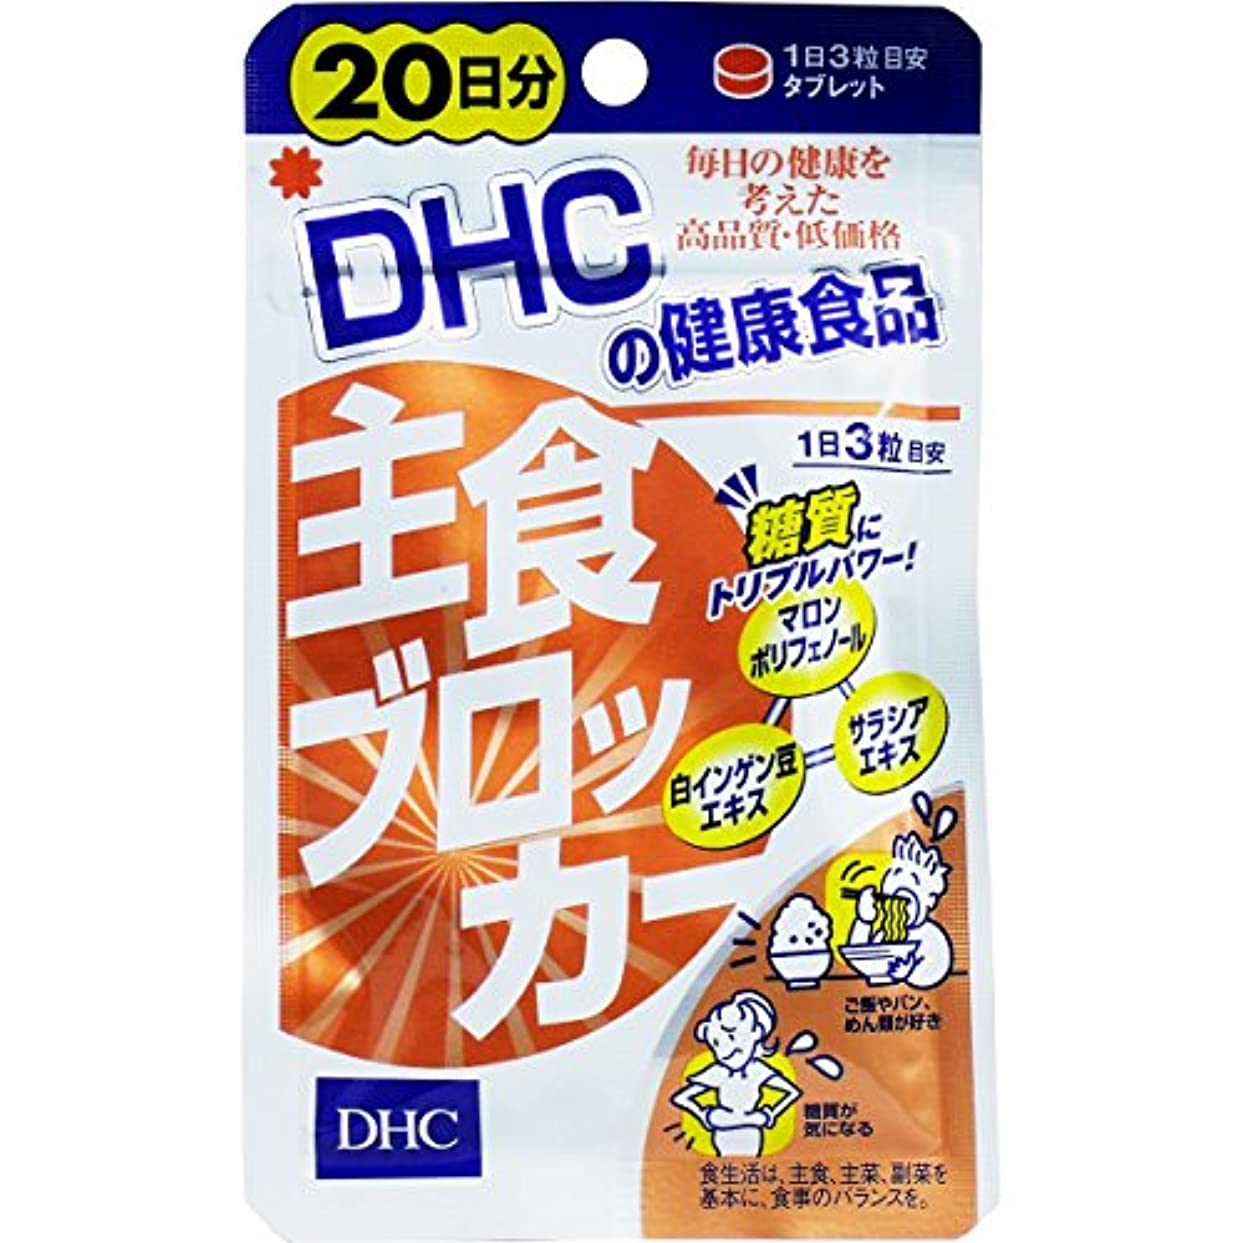 欠かせないヒロイック参照するお得な6個セット 炭水化物が好きな方へオススメ DHC 主食ブロッカー 20日分(60粒)